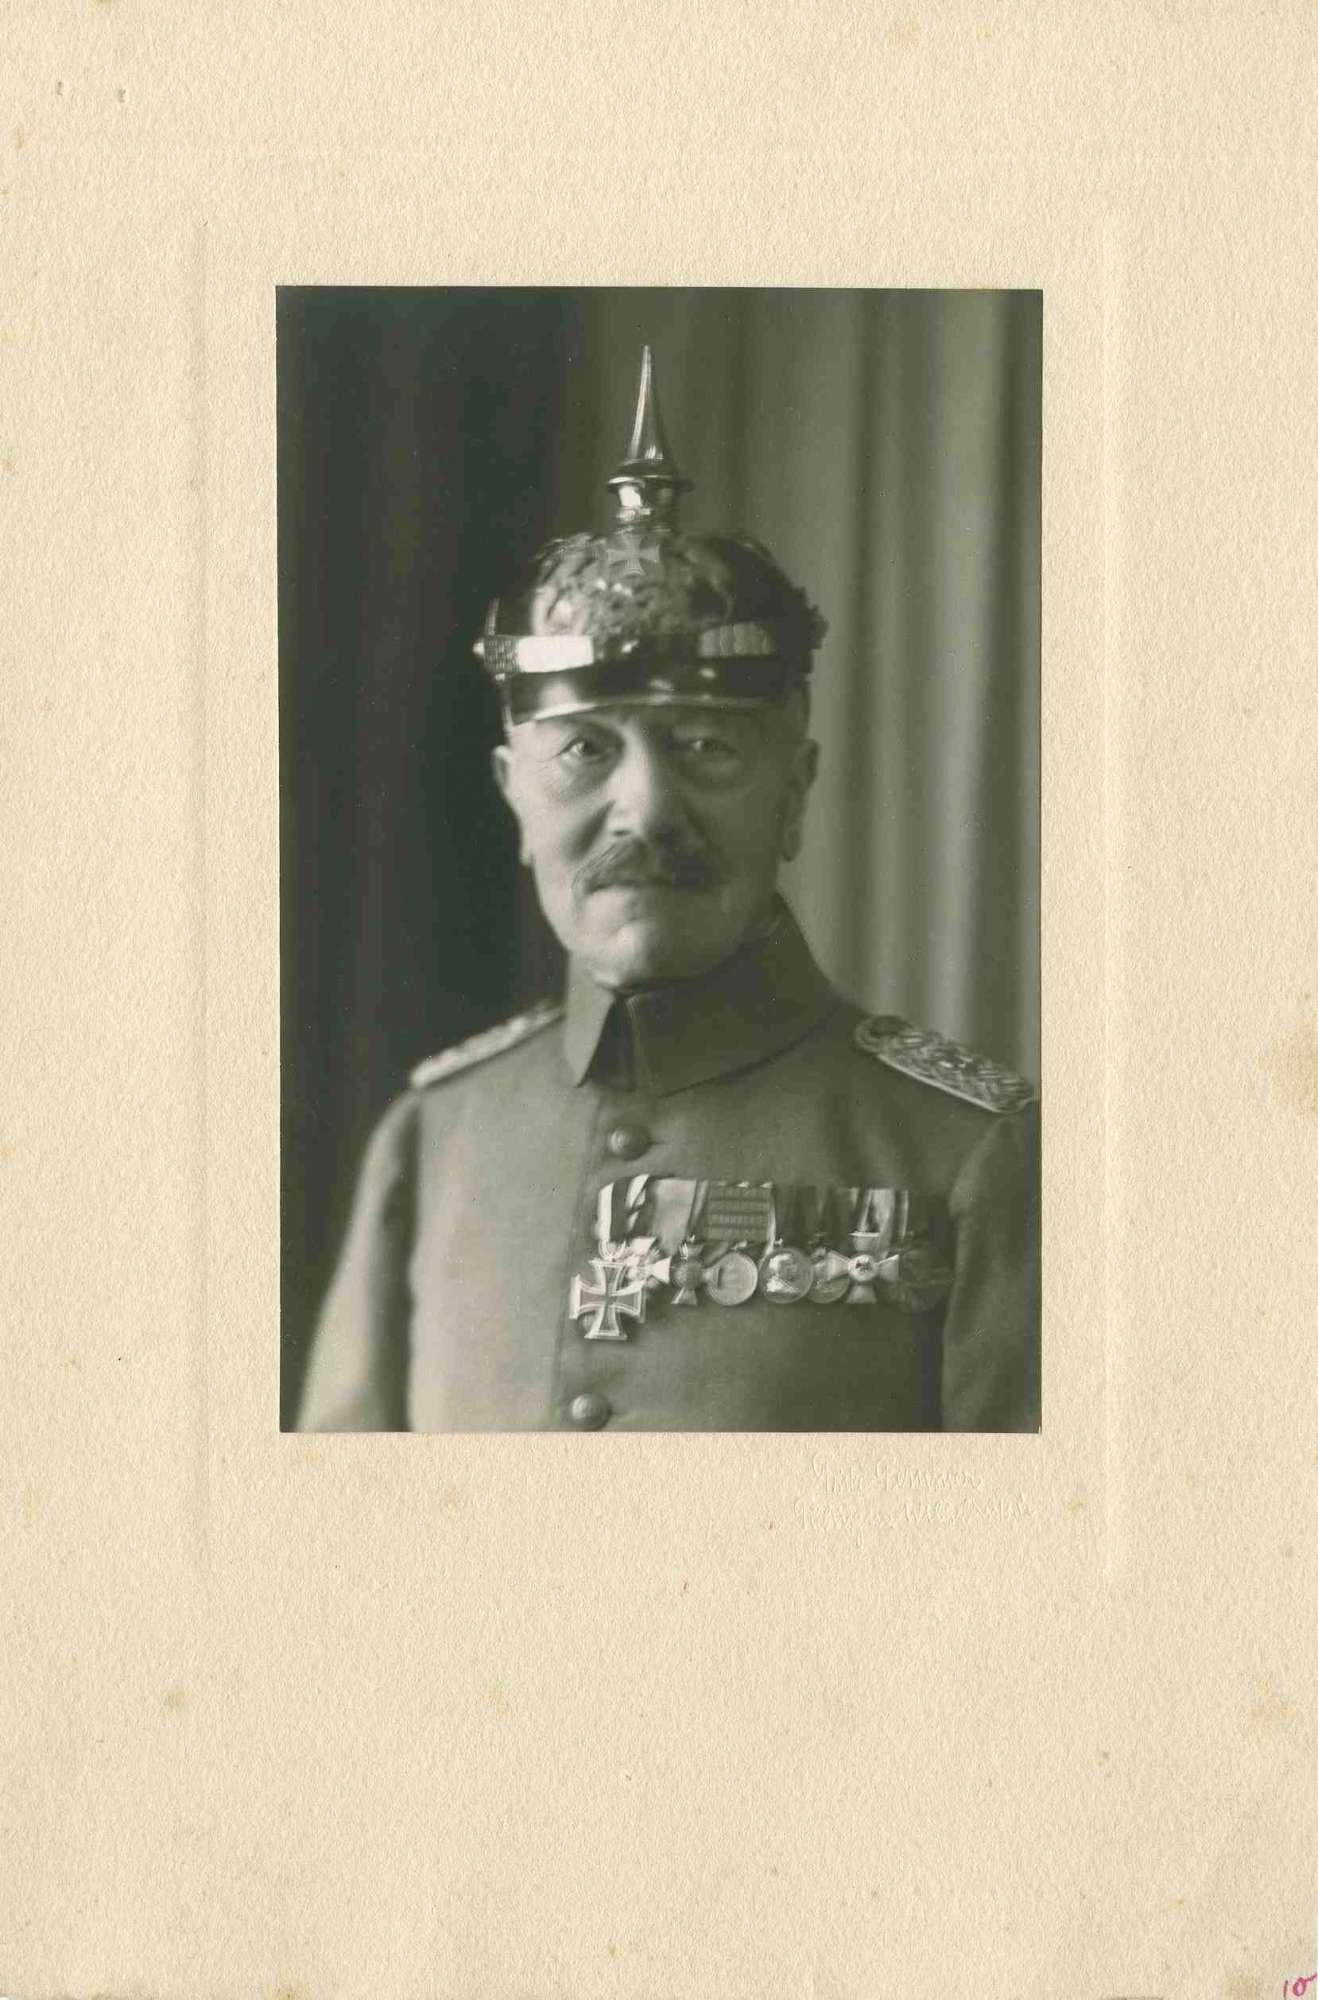 N. Wendler (?), Tübingen, in Uniform, Pickelhaube mit Orden, Brustbild in einem Atelier, Bild 1